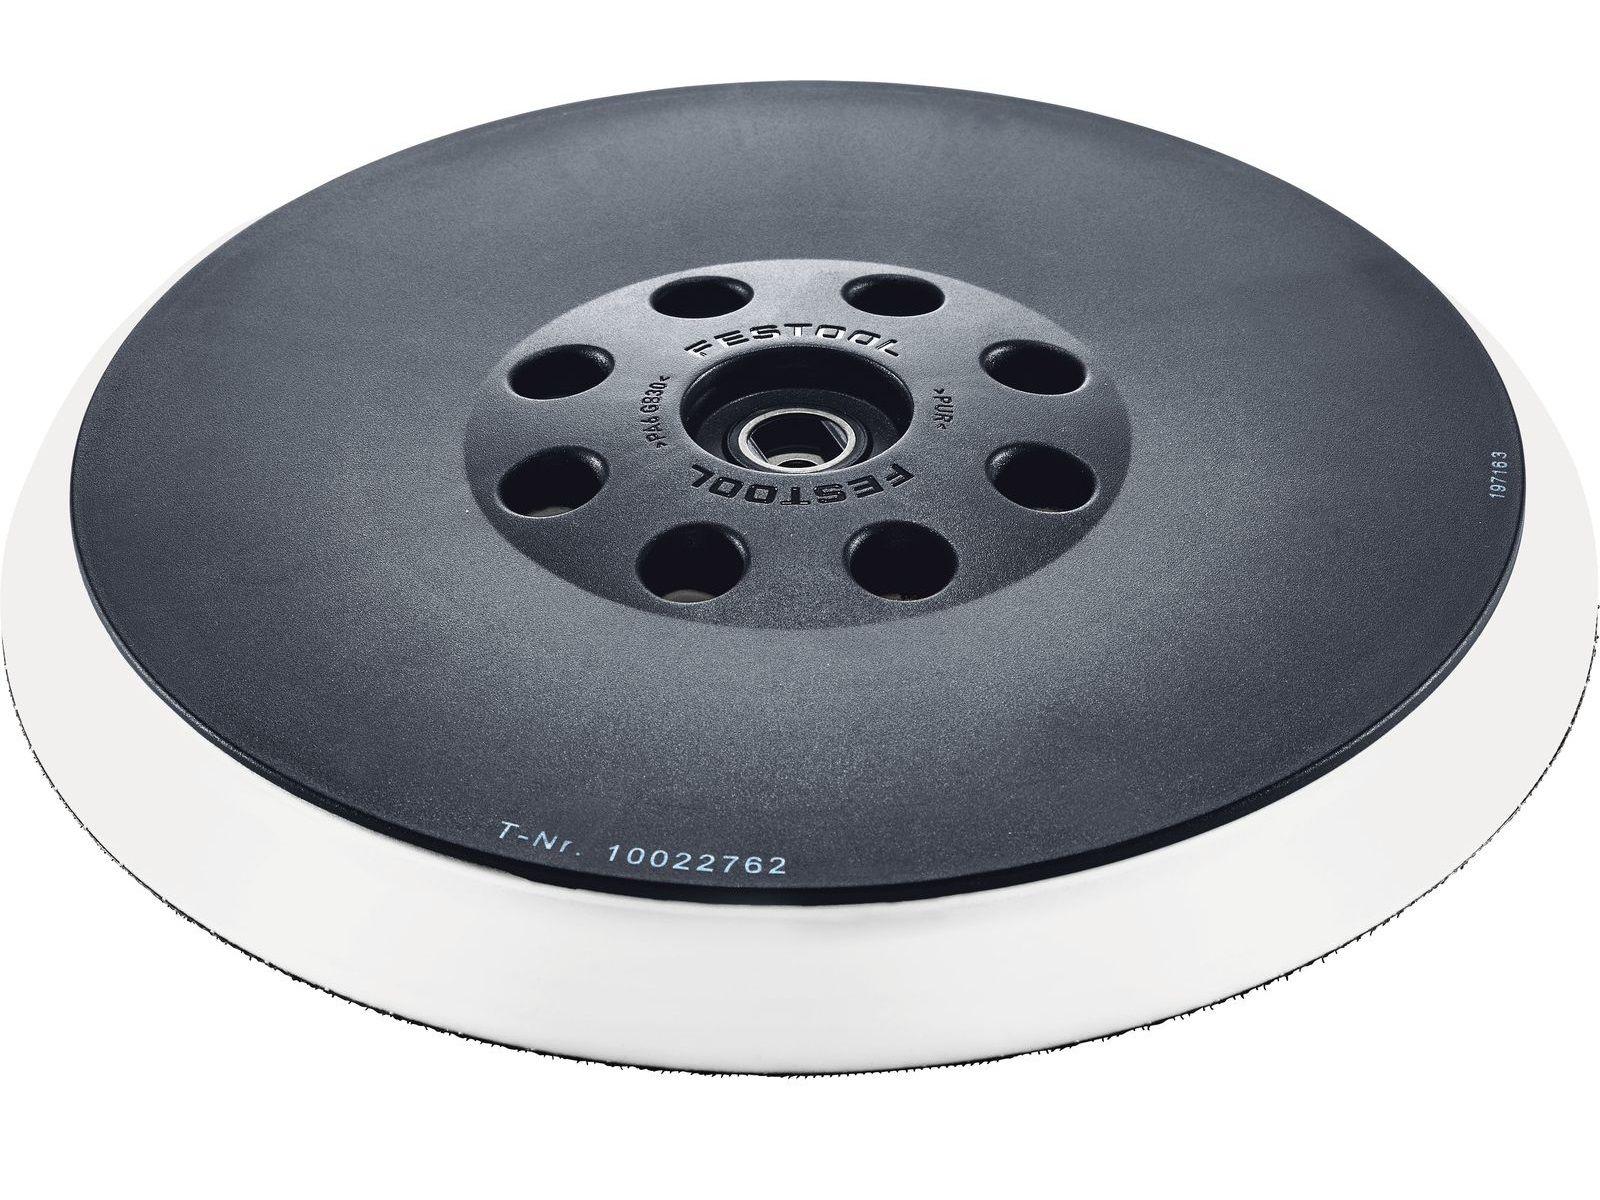 Festool ST-STF-D215/8-LHS-E Brusný talíř pro brusku PLANEX - 215mm, pro nenáročné použití (201895)